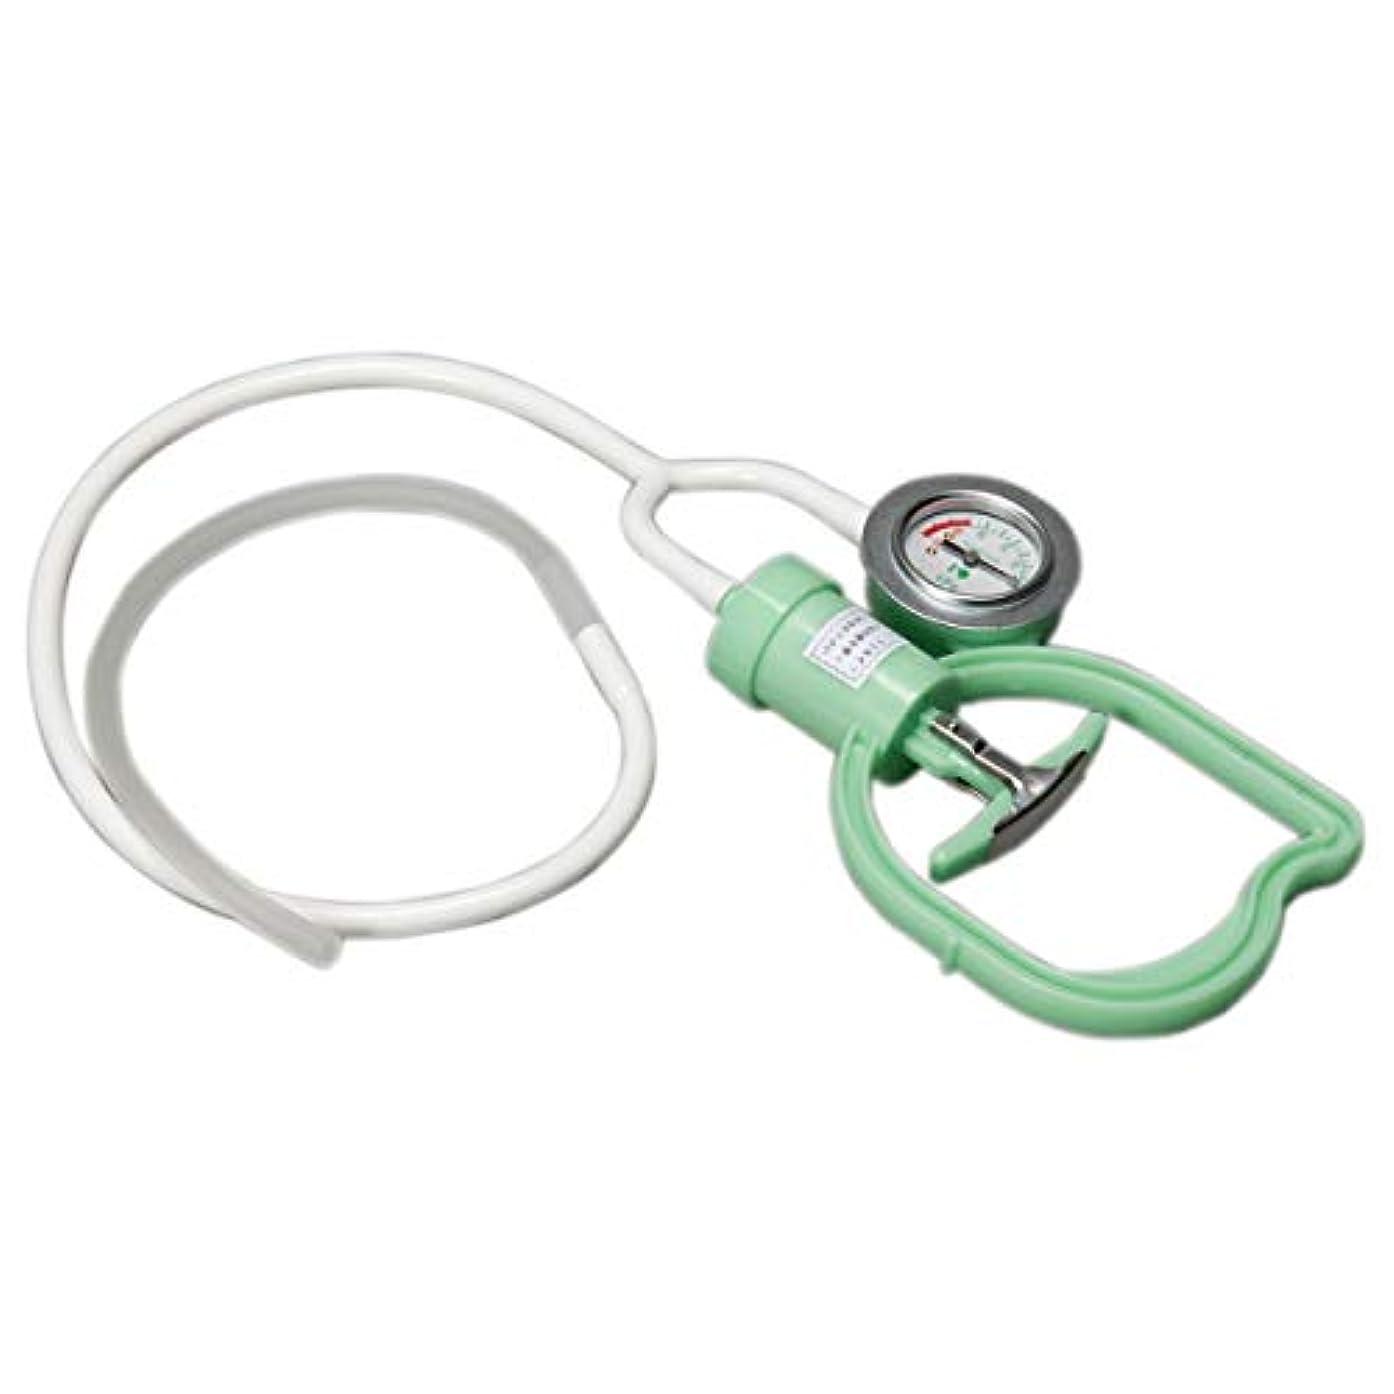 外科医あさりそうハンドポンプ Q [ マッサージカップ カッピングマッサージ 吸引器 吸圧器 吸い玉 吸玉 マッサージ カッピング カップ 美容 業務用 ]